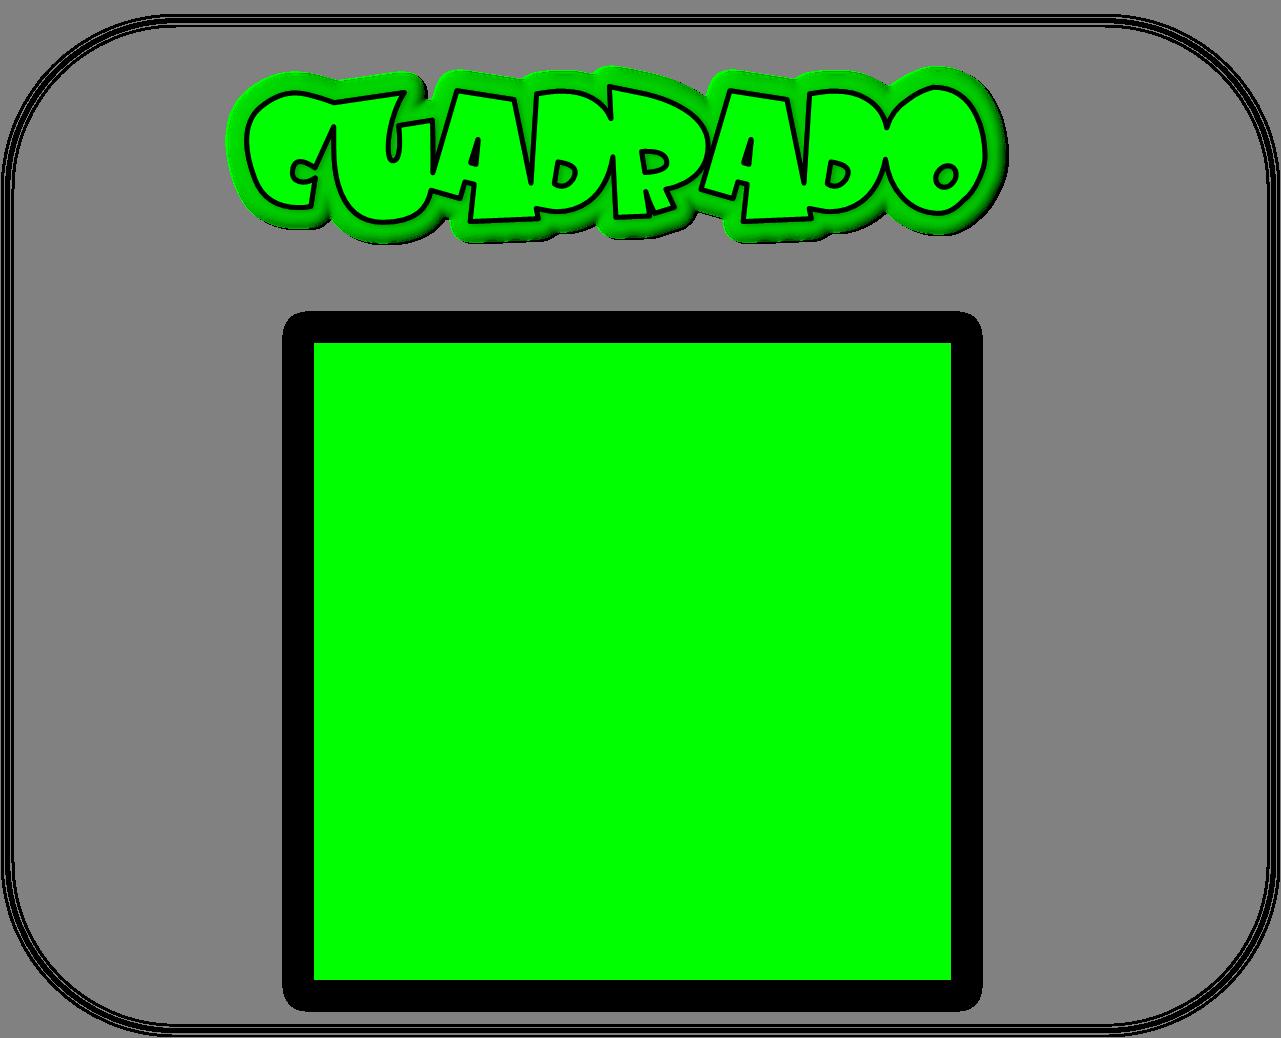 Carteles de las figuras geométricas cuadrado